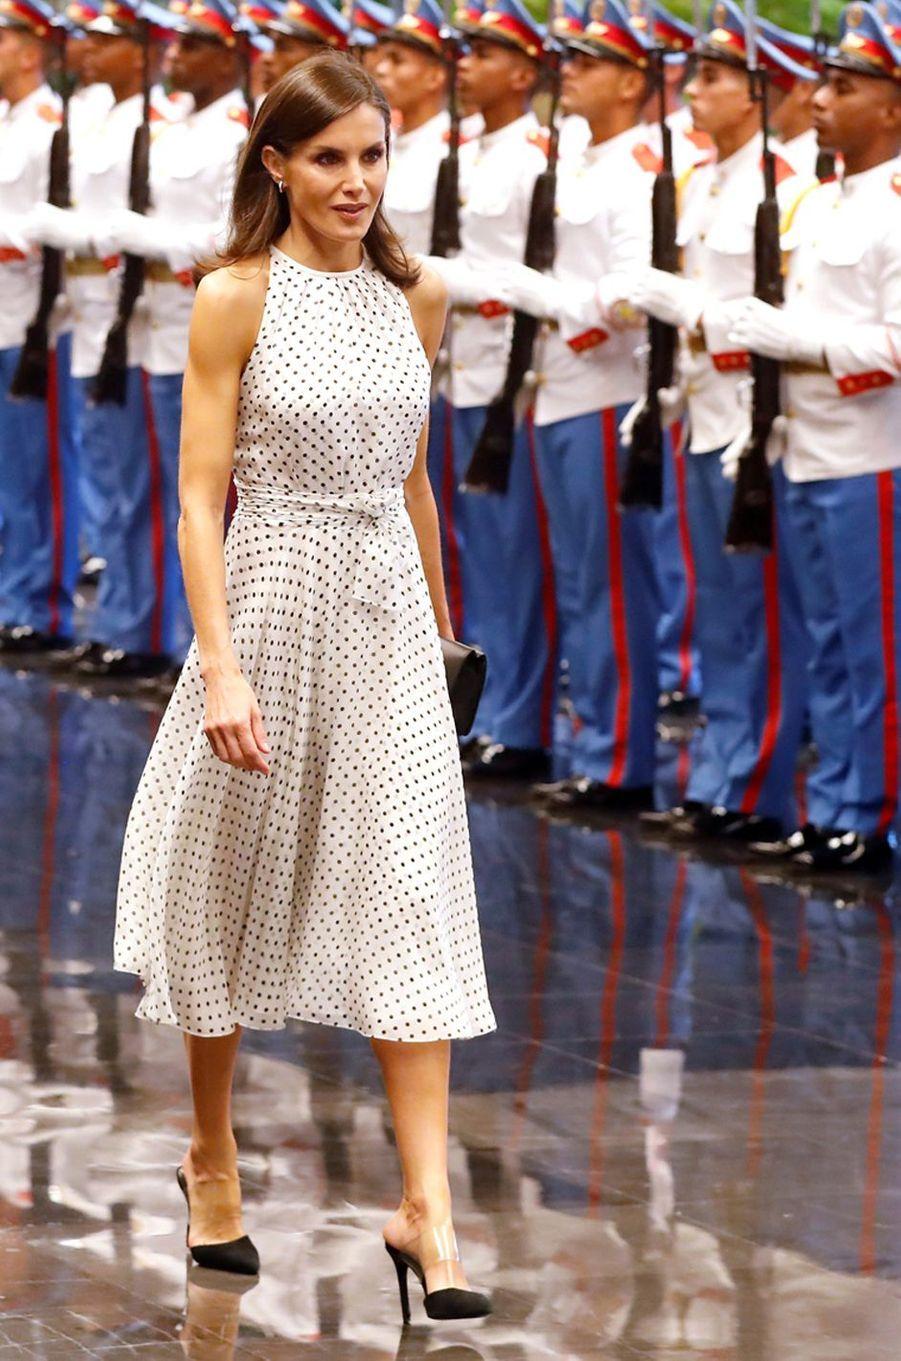 La reine Letizia d'Espagne, le 12 novembre 2019 à La Havane